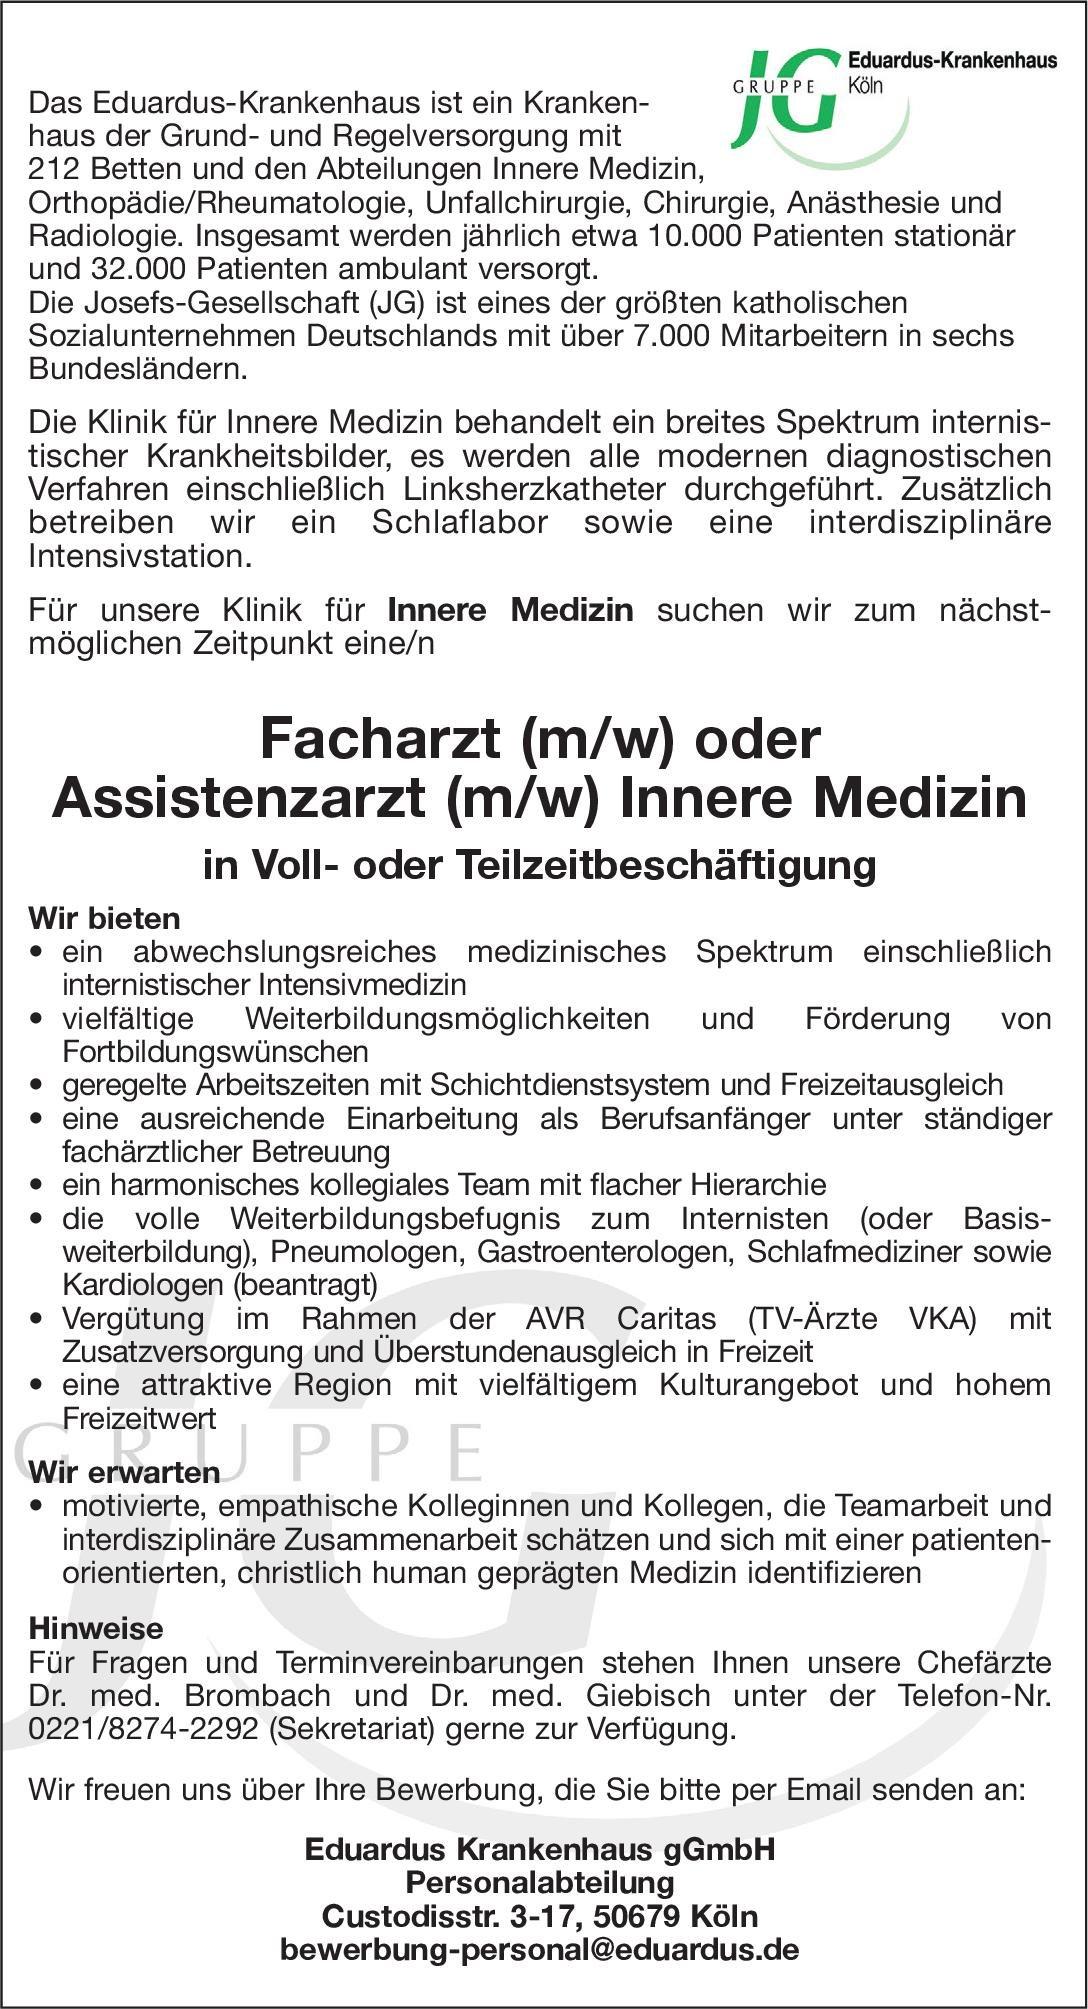 Eduardus Krankenhaus gGmbH Facharzt (m/w) oder Assistenzarzt (m/w) Innere Medizin  Innere Medizin, Innere Medizin Arzt / Facharzt, Assistenzarzt / Arzt in Weiterbildung